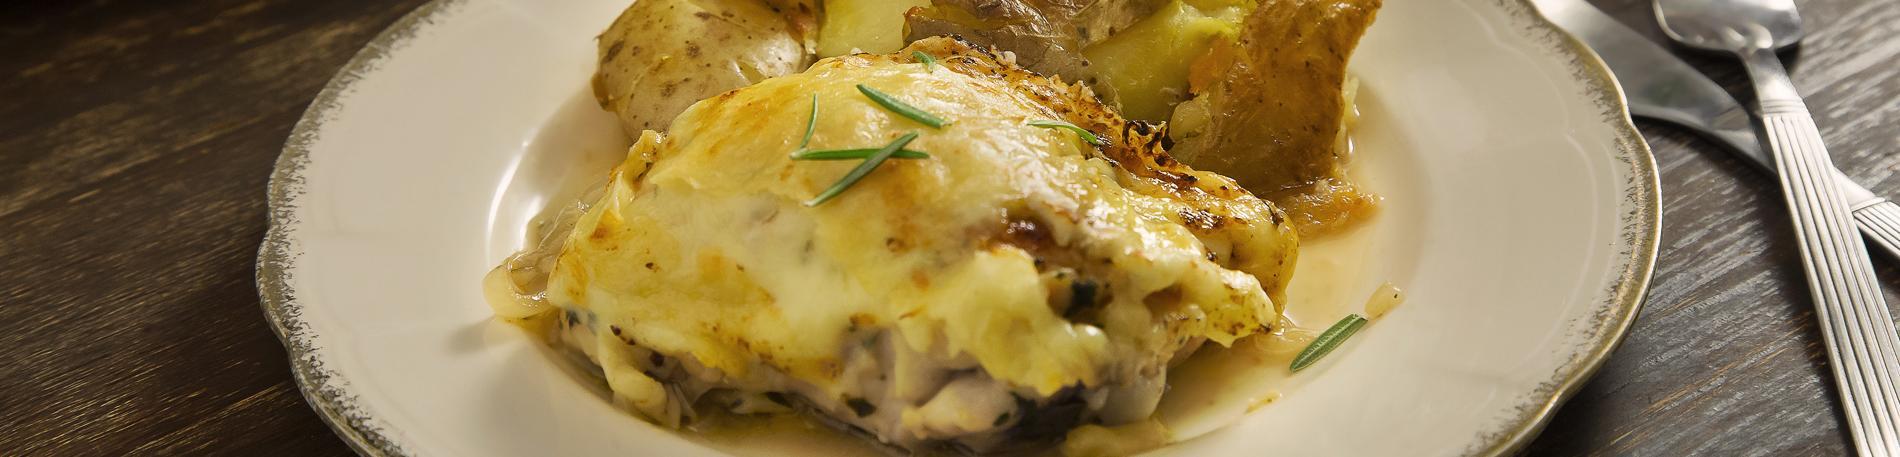 Gratén de pollo crocante y gruyére